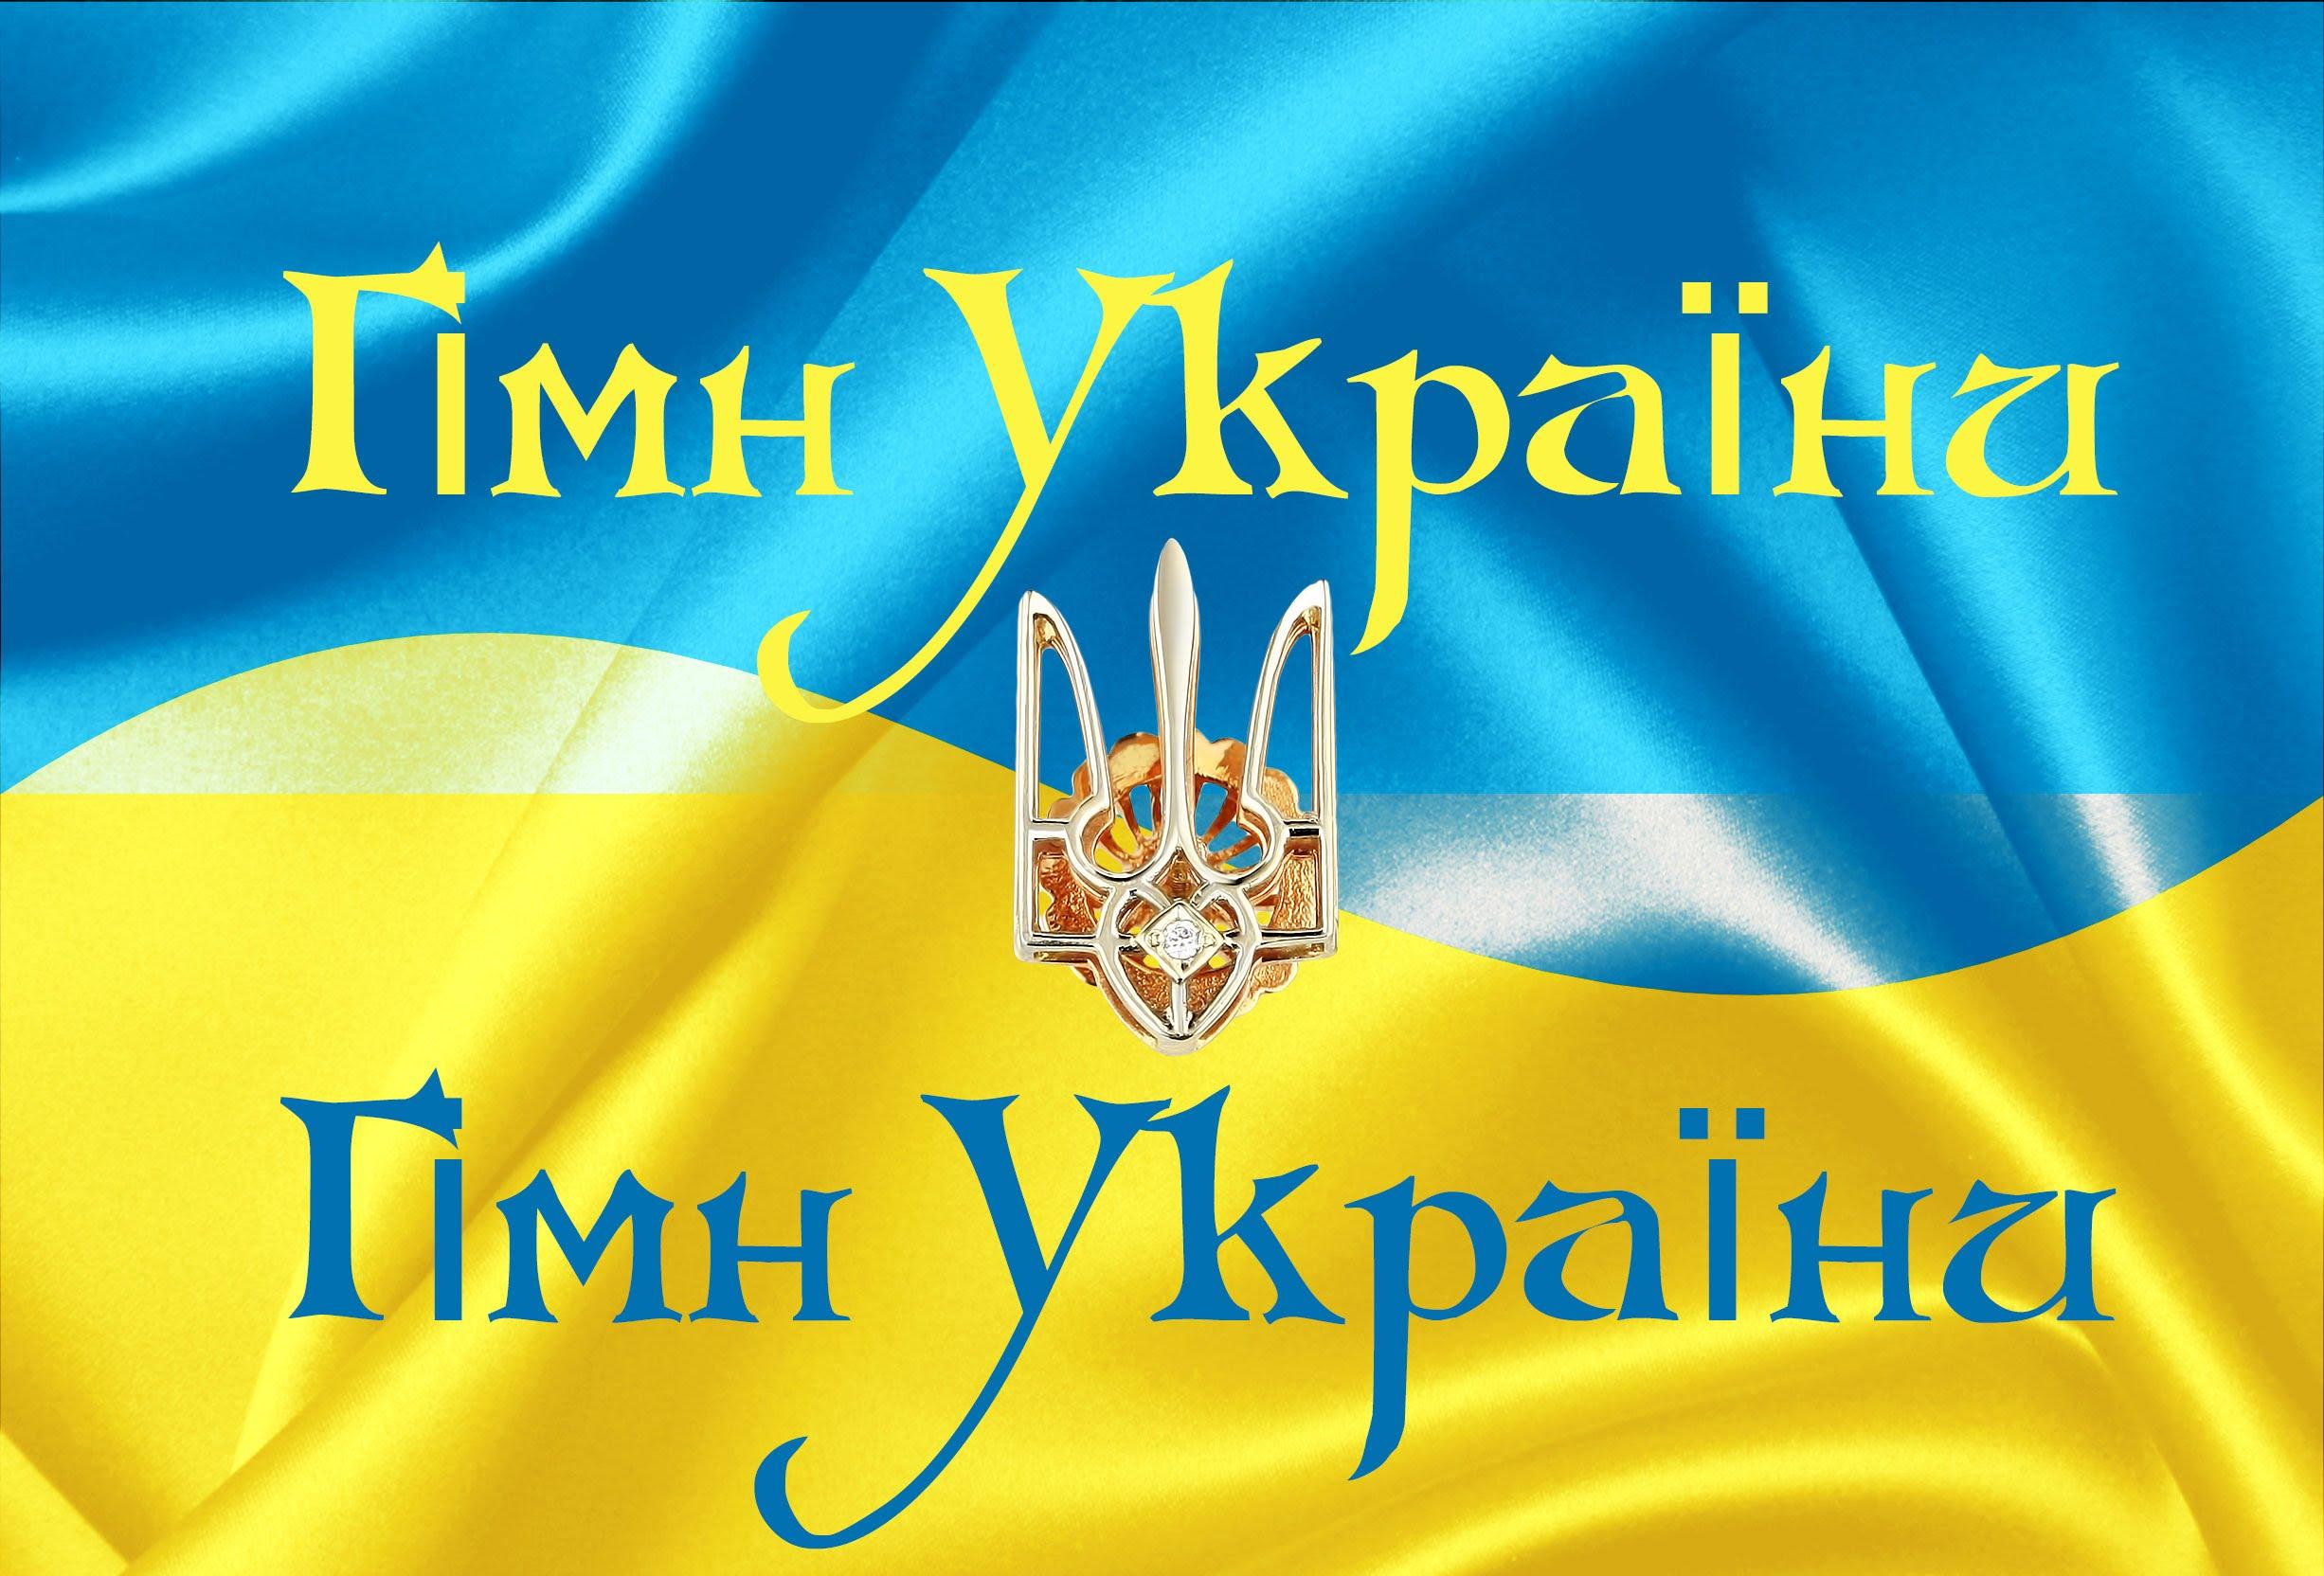 """Презентация на тему """"украина в символах"""" скачать бесплатно."""